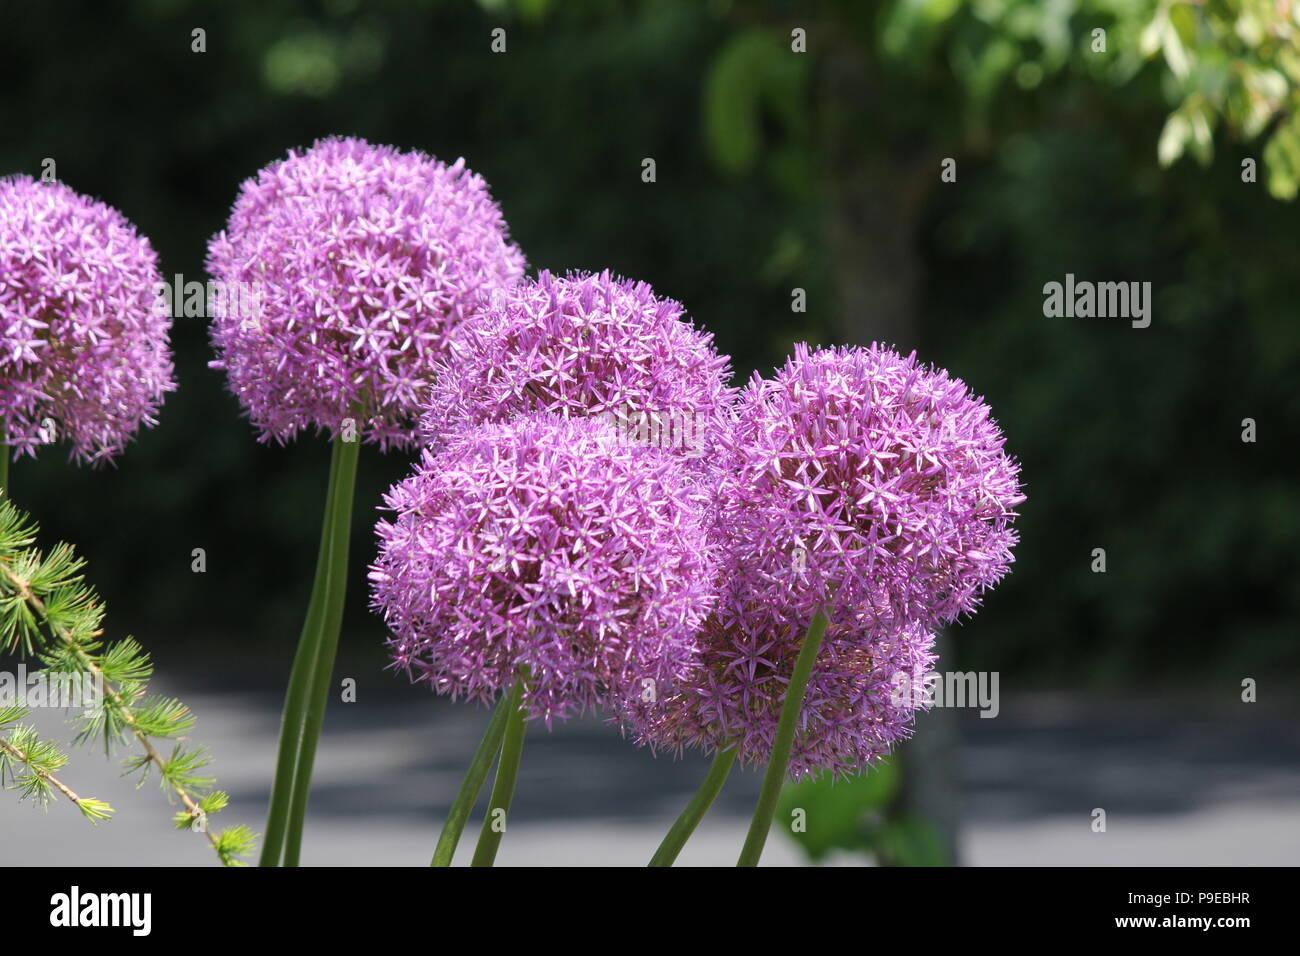 Pretty Purple Allium Flowers Growing In A Small Flower Garden In